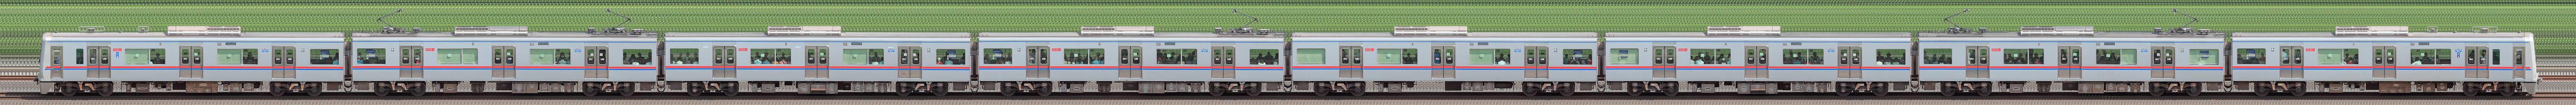 京成3000形(13次車)3036編成(海側)の編成サイドビュー